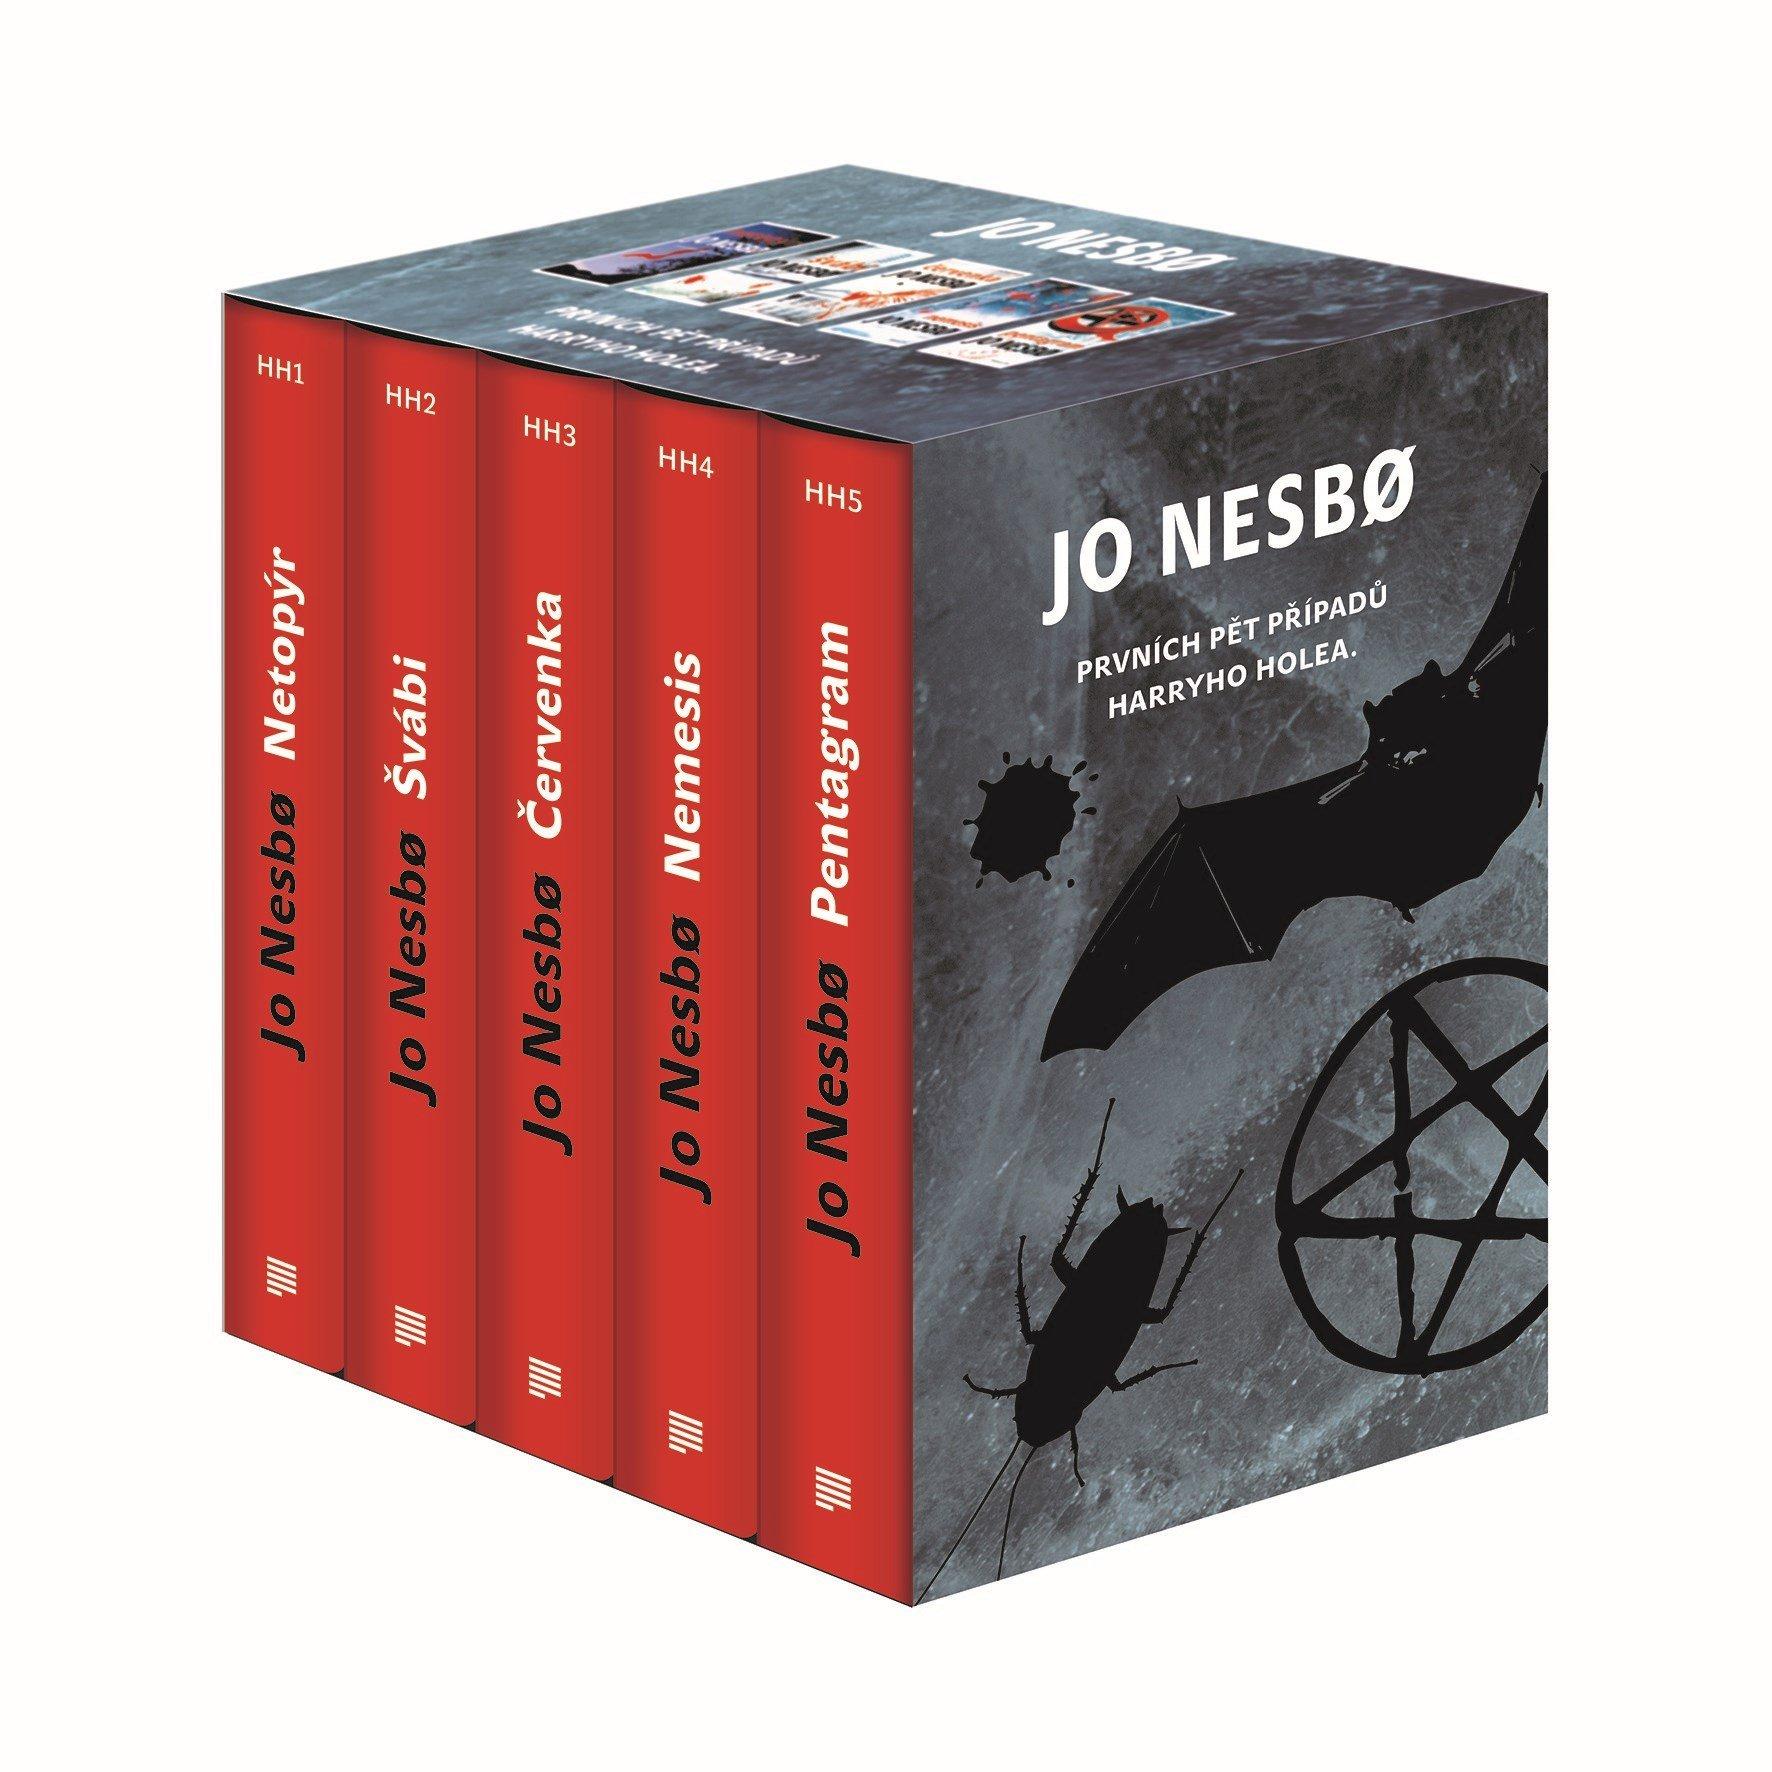 Jo Nesbo box